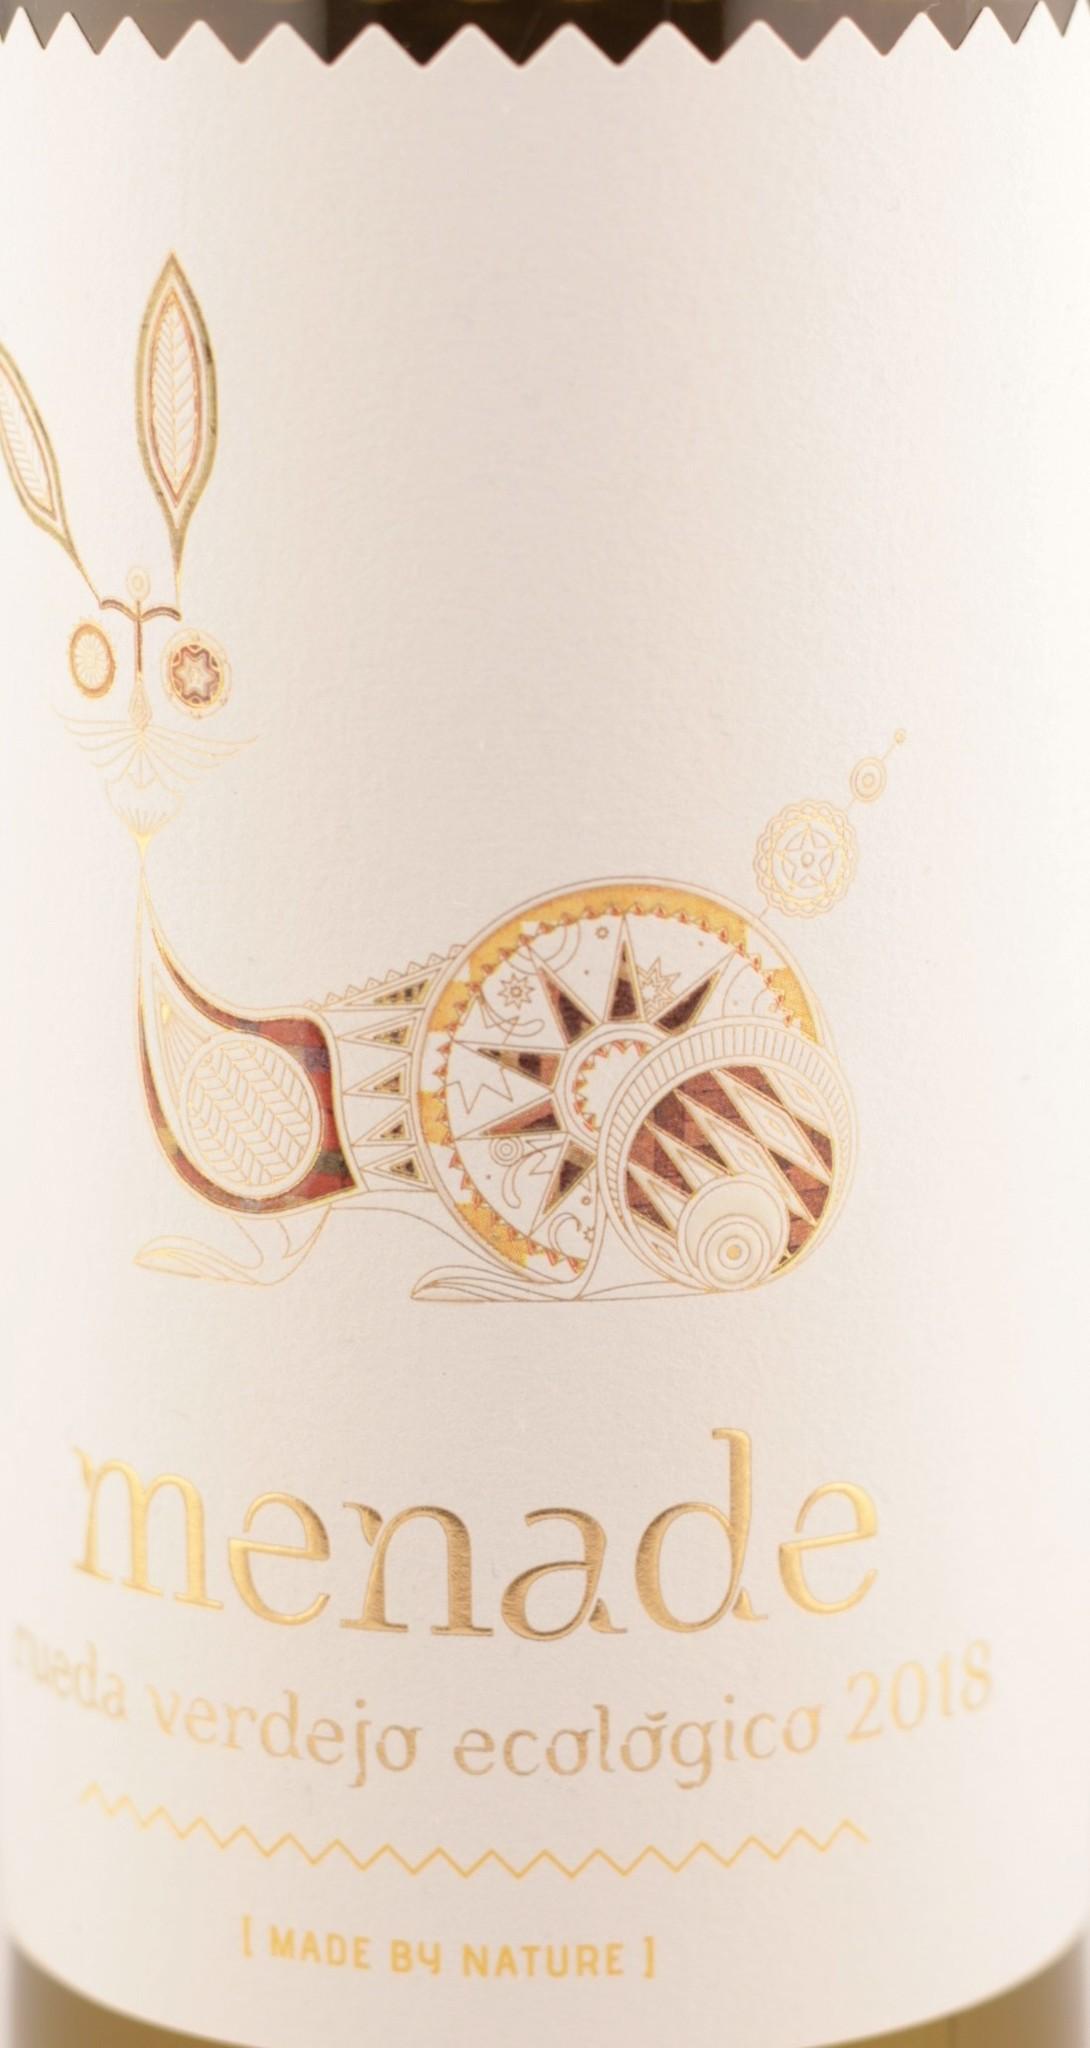 Menade  Made by Nature  Verdejo   Rueda